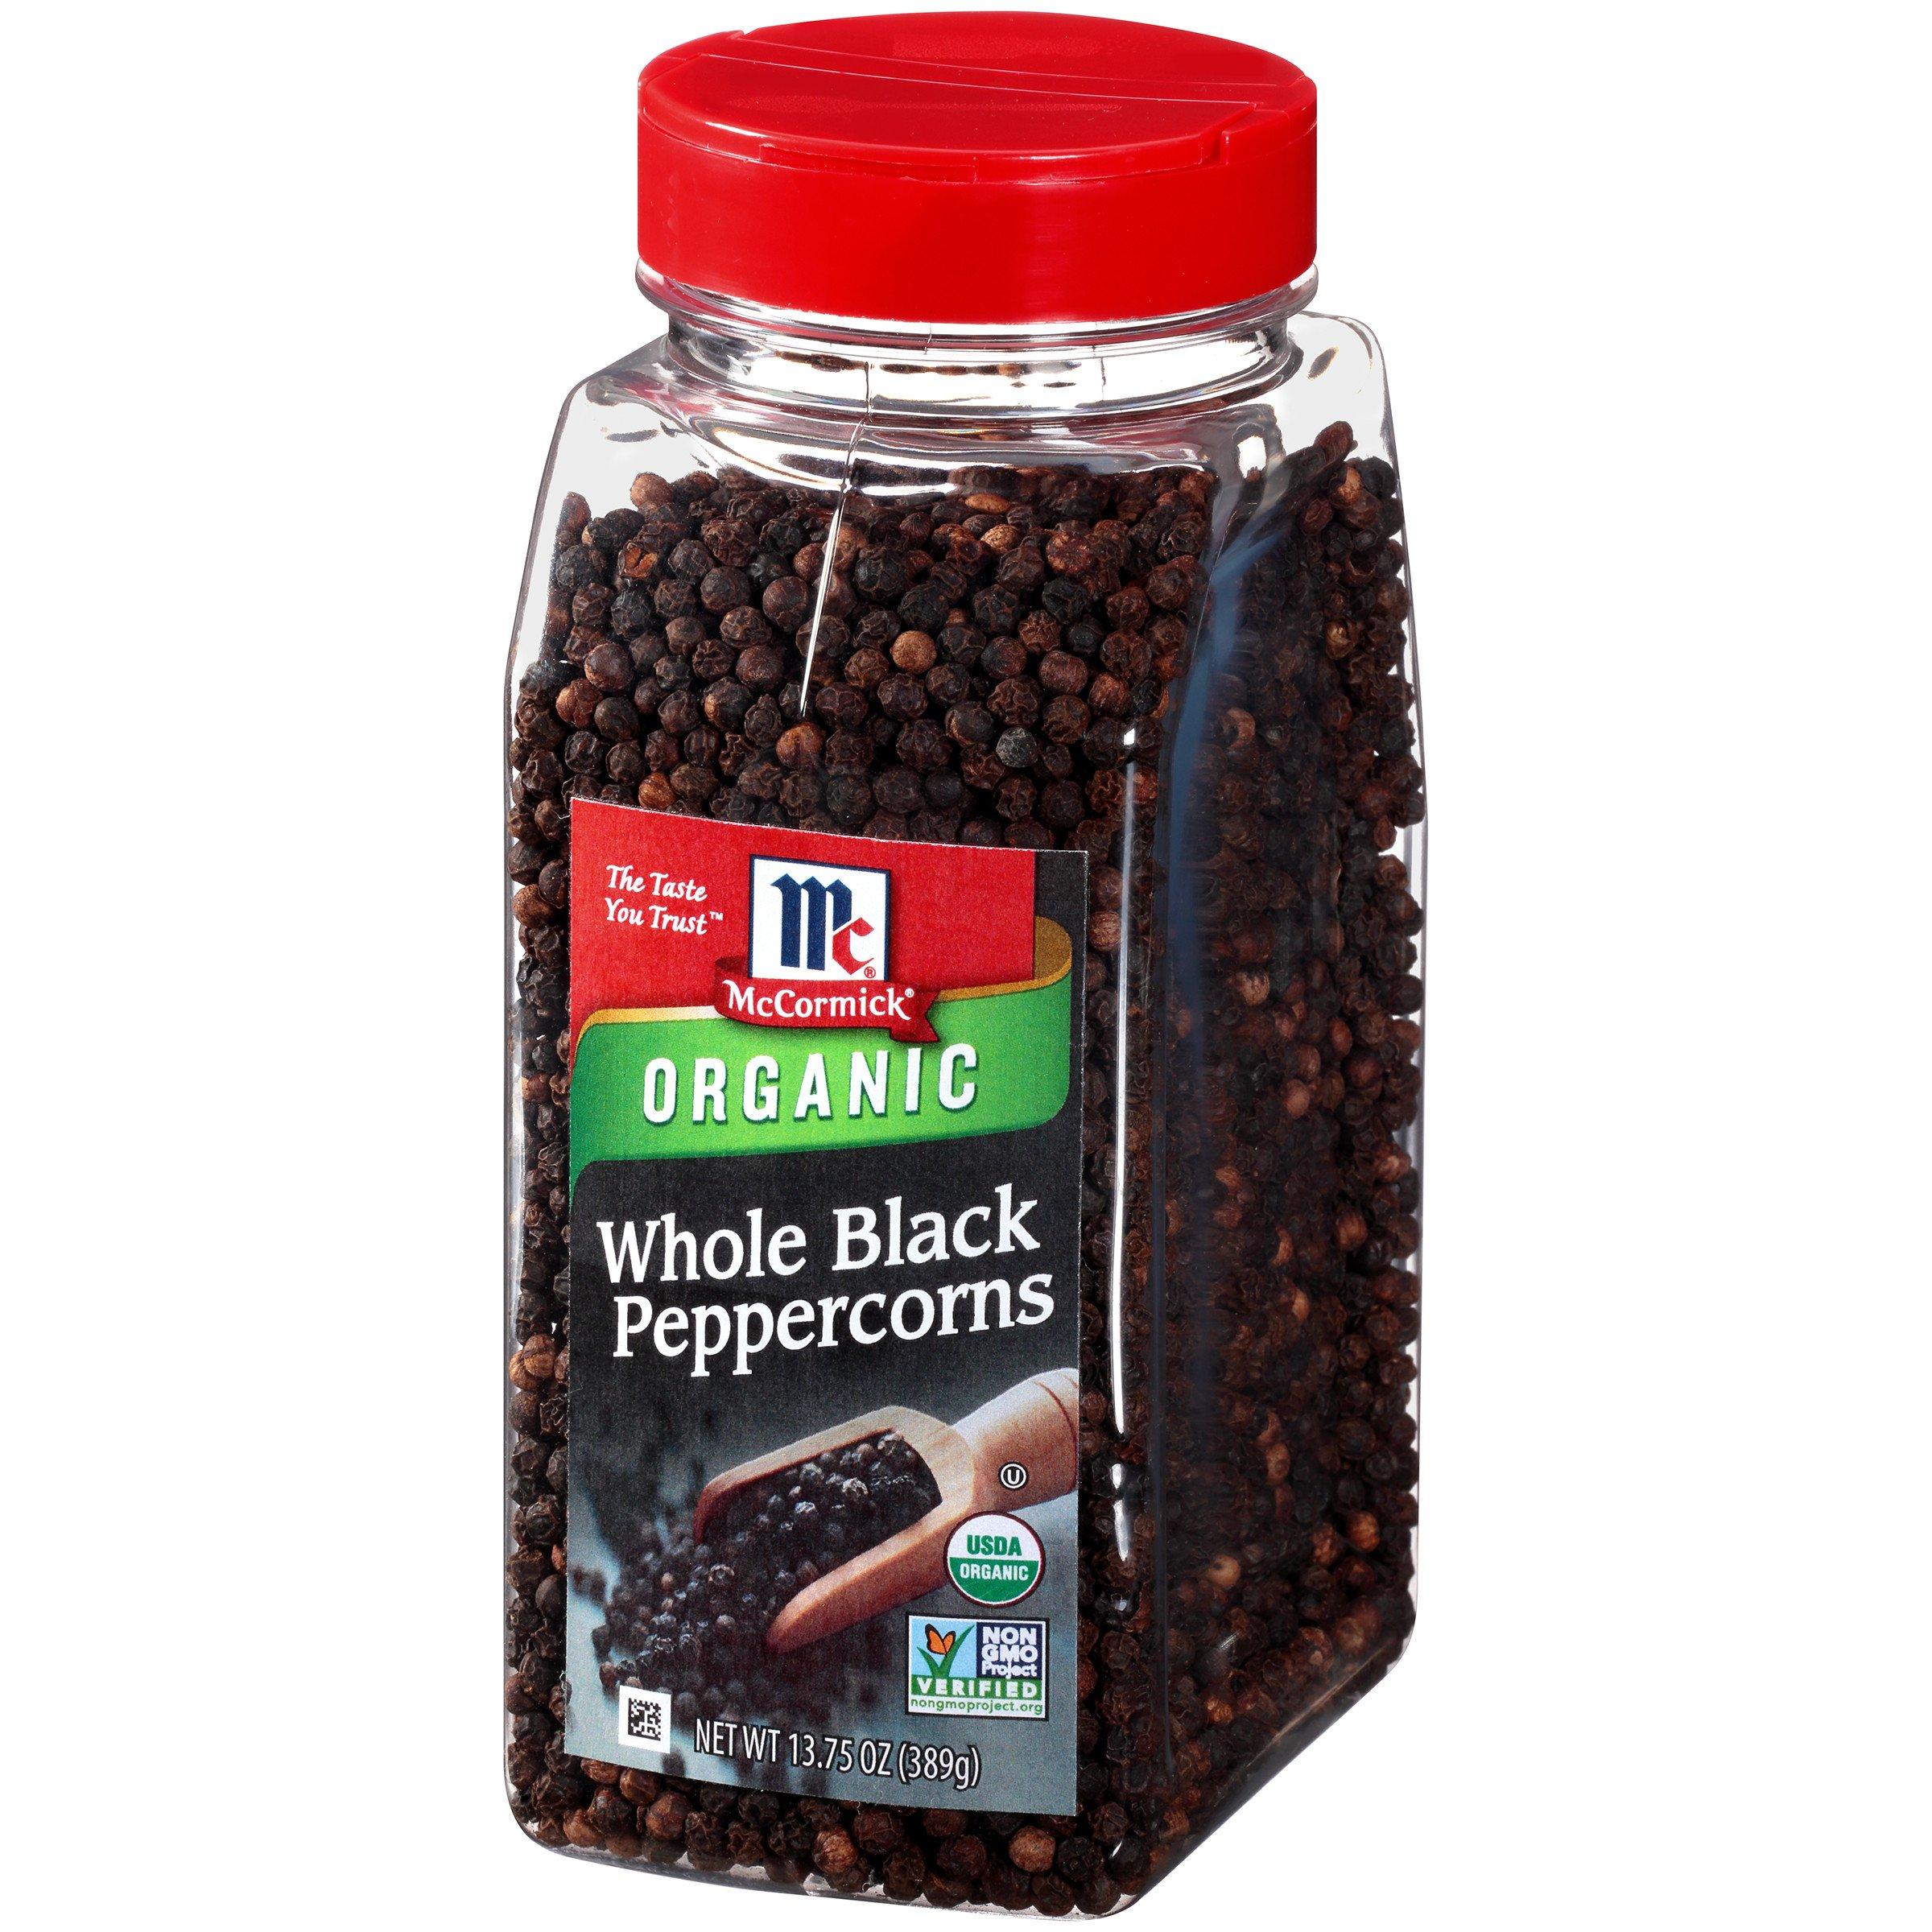 McCormick Whole Black Peppercorns (Organic, Non-GMO, Kosher), 14.7 oz